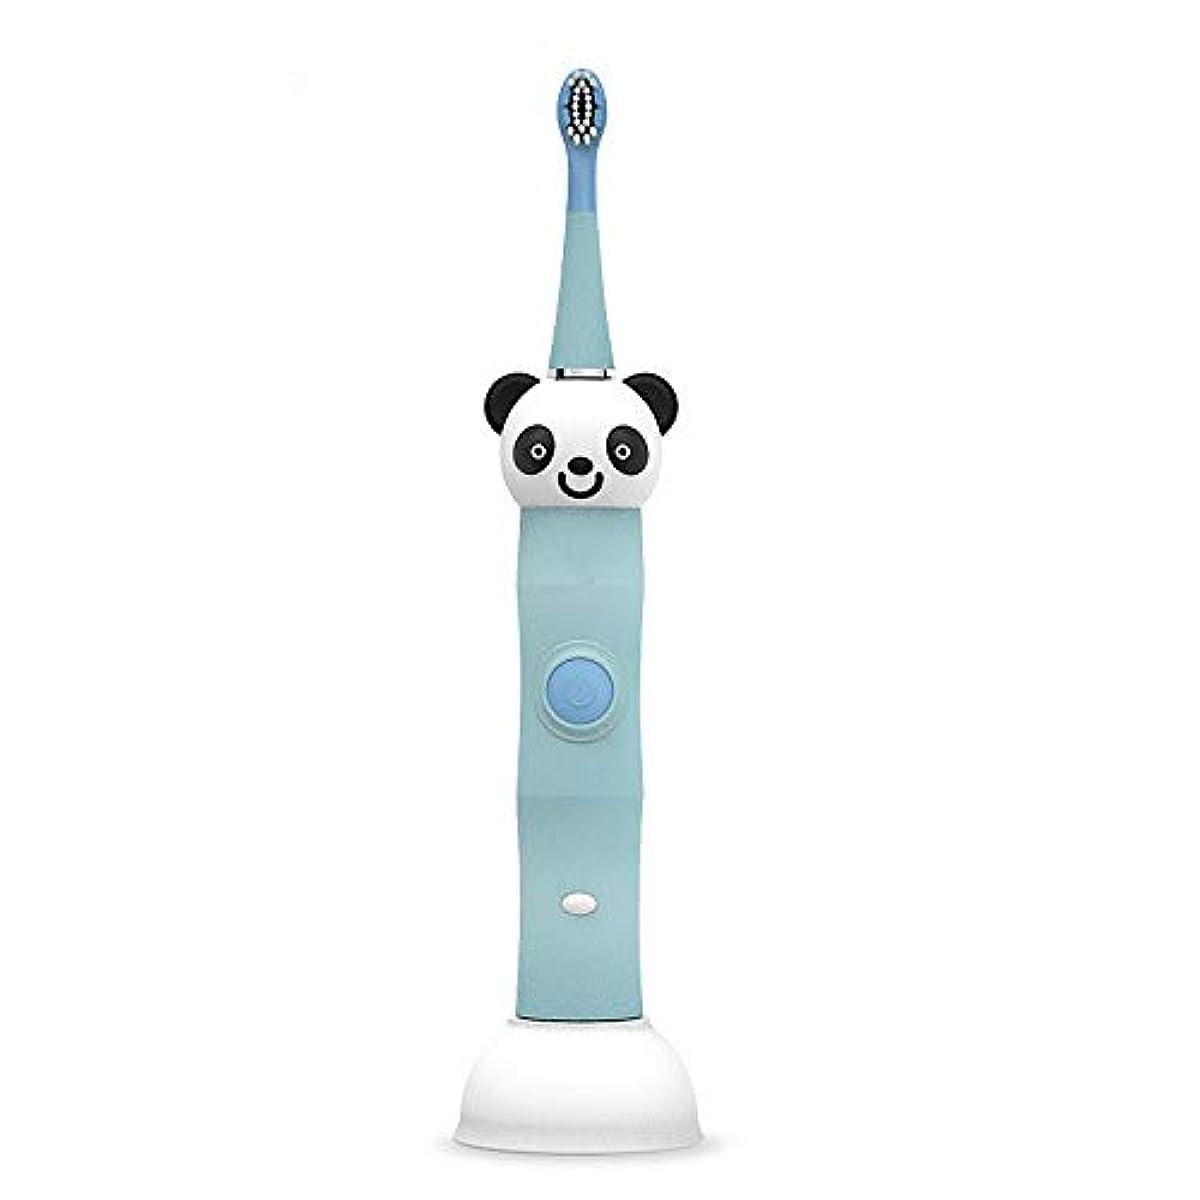 感心する消化せがむ電動歯ブラシ 毎日の使用のためのUSBの充満基盤の柔らかい毛のきれいな歯ブラシと防水子供の電動歯ブラシ 大人と子供向け (色 : 青, サイズ : Free size)